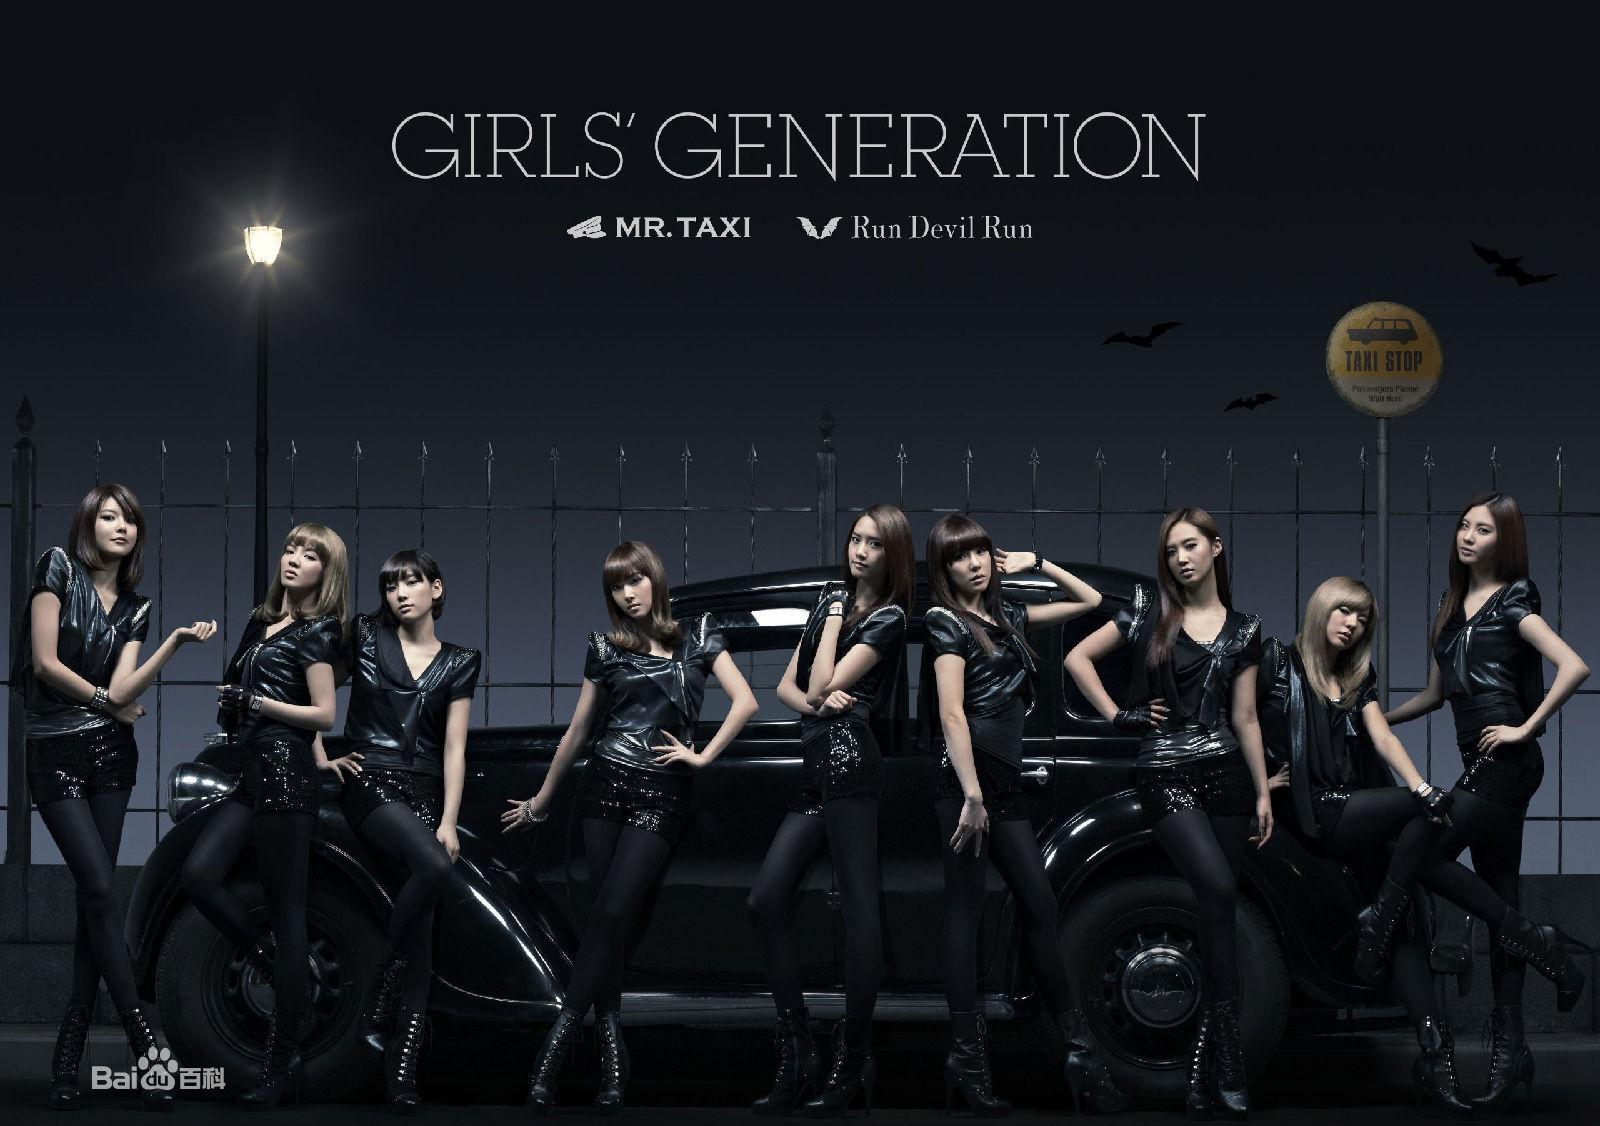 哪位大神看一下这几位美女是哪个韩国组合?